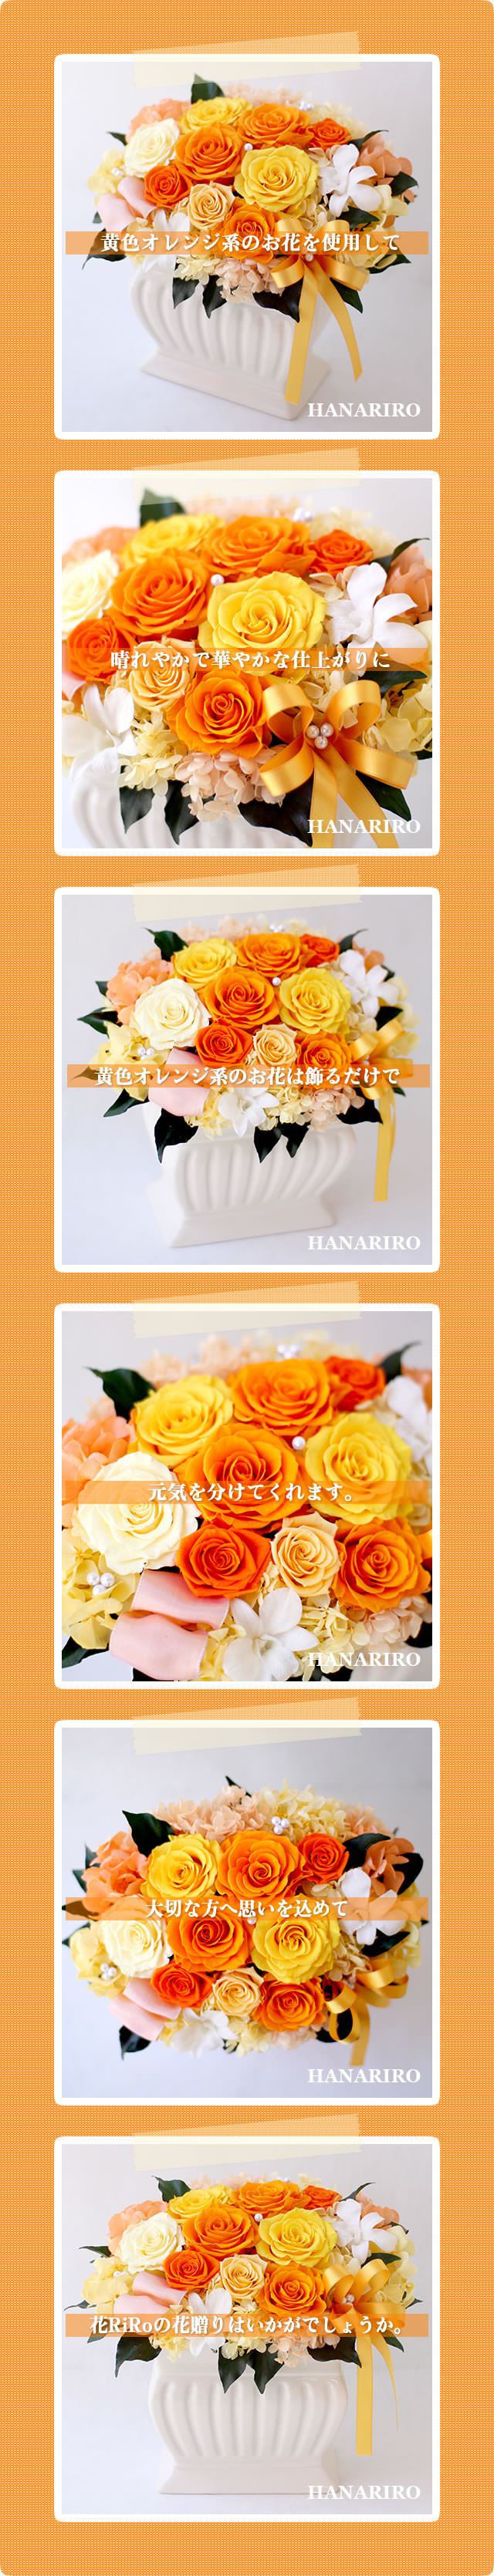 アレンジ「瑞樹(みずき)」/プリザーブドフラワーギフト